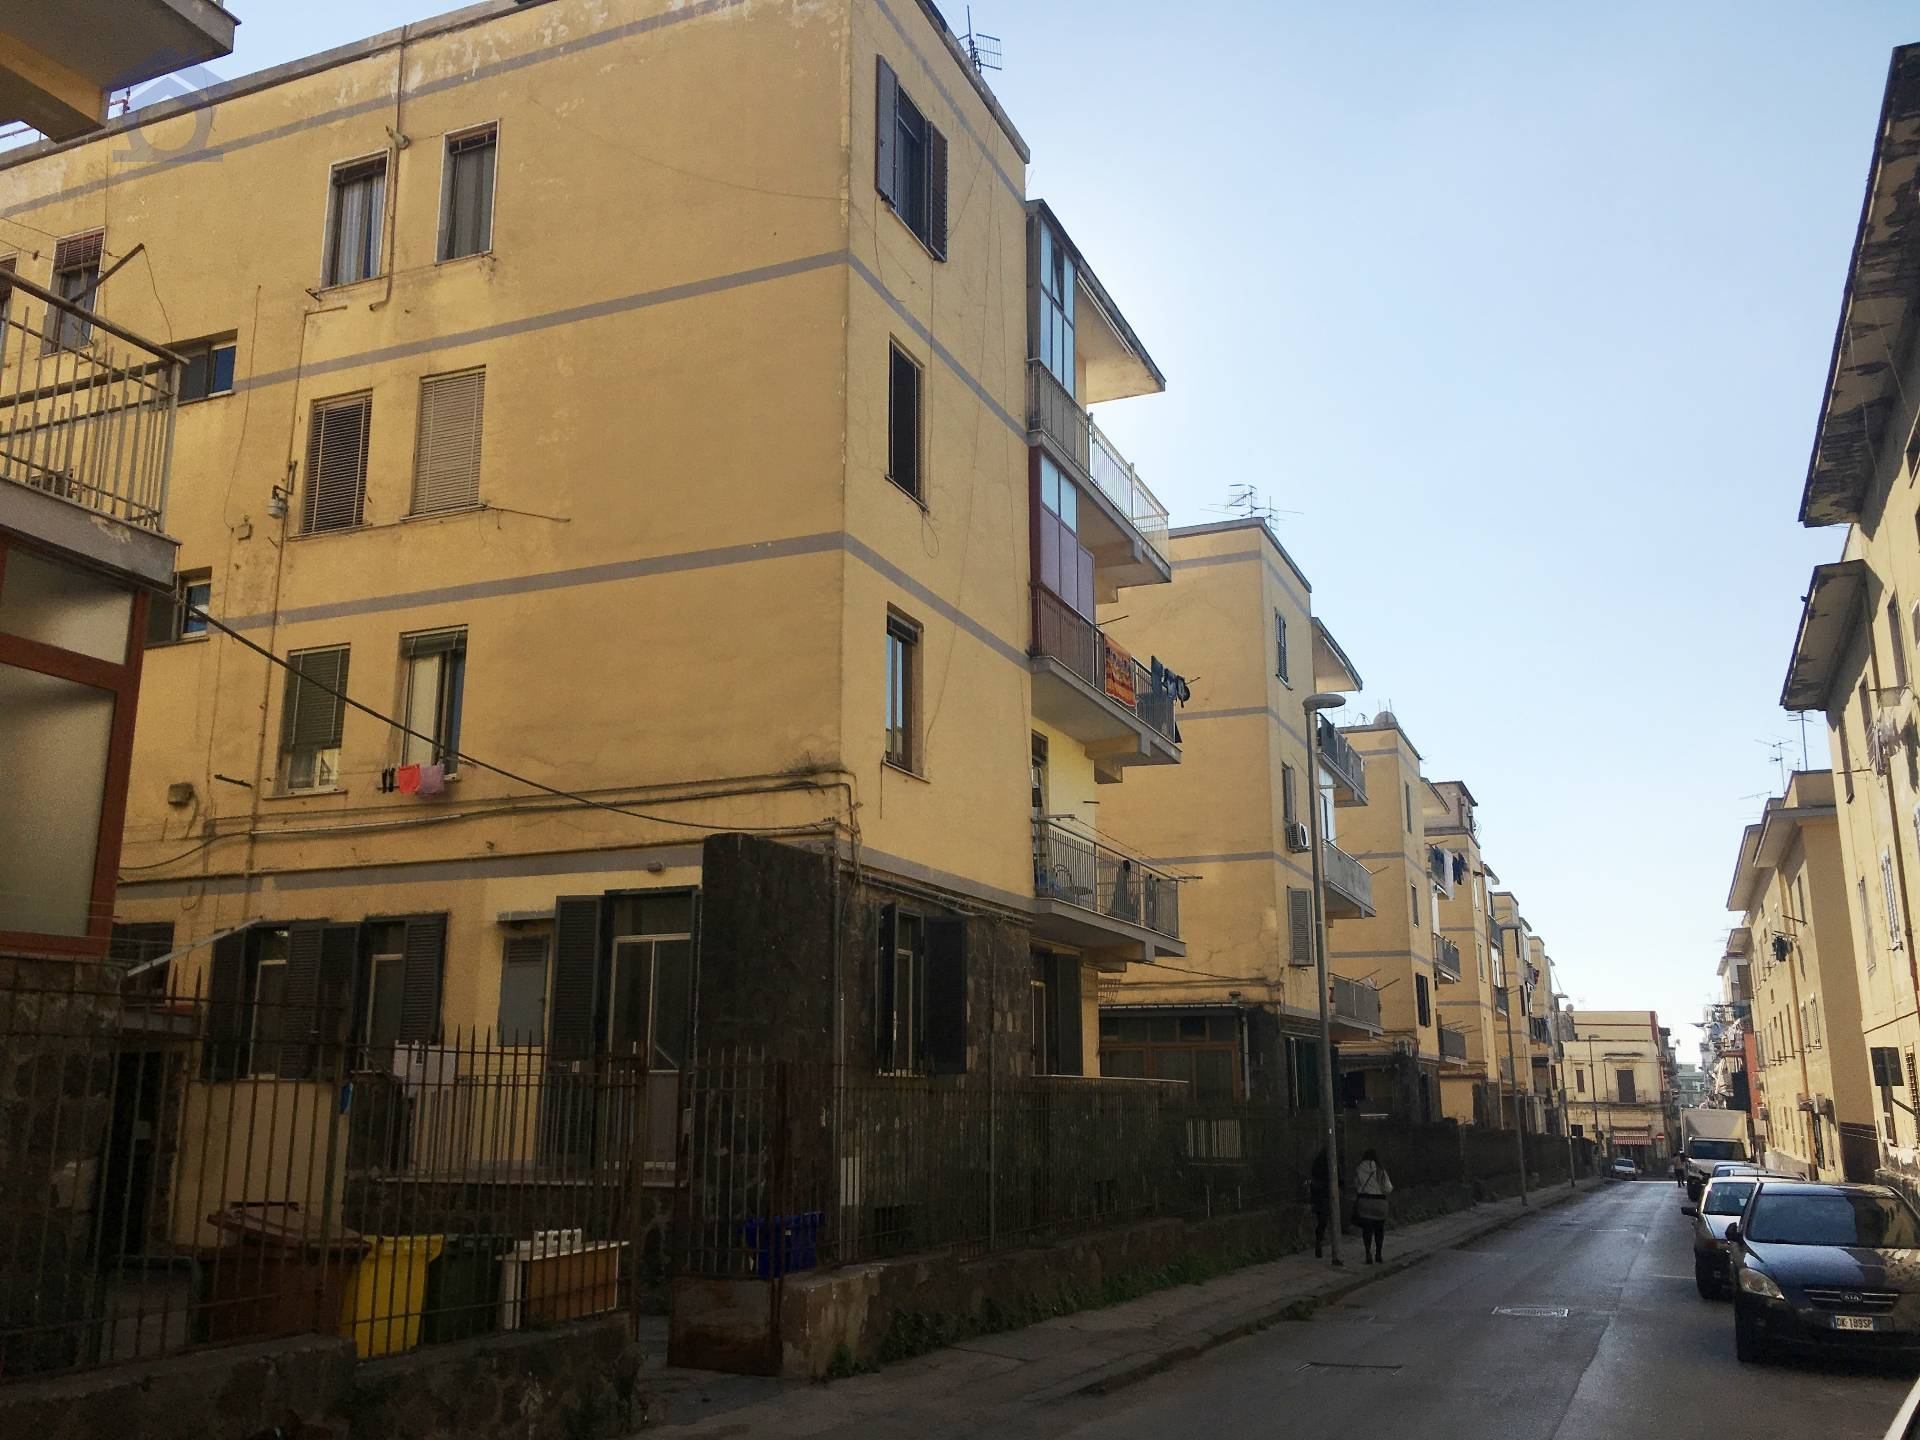 Appartamento in vendita a Torre Annunziata, 2 locali, zona Località: sud, prezzo € 70.000 | Cambio Casa.it